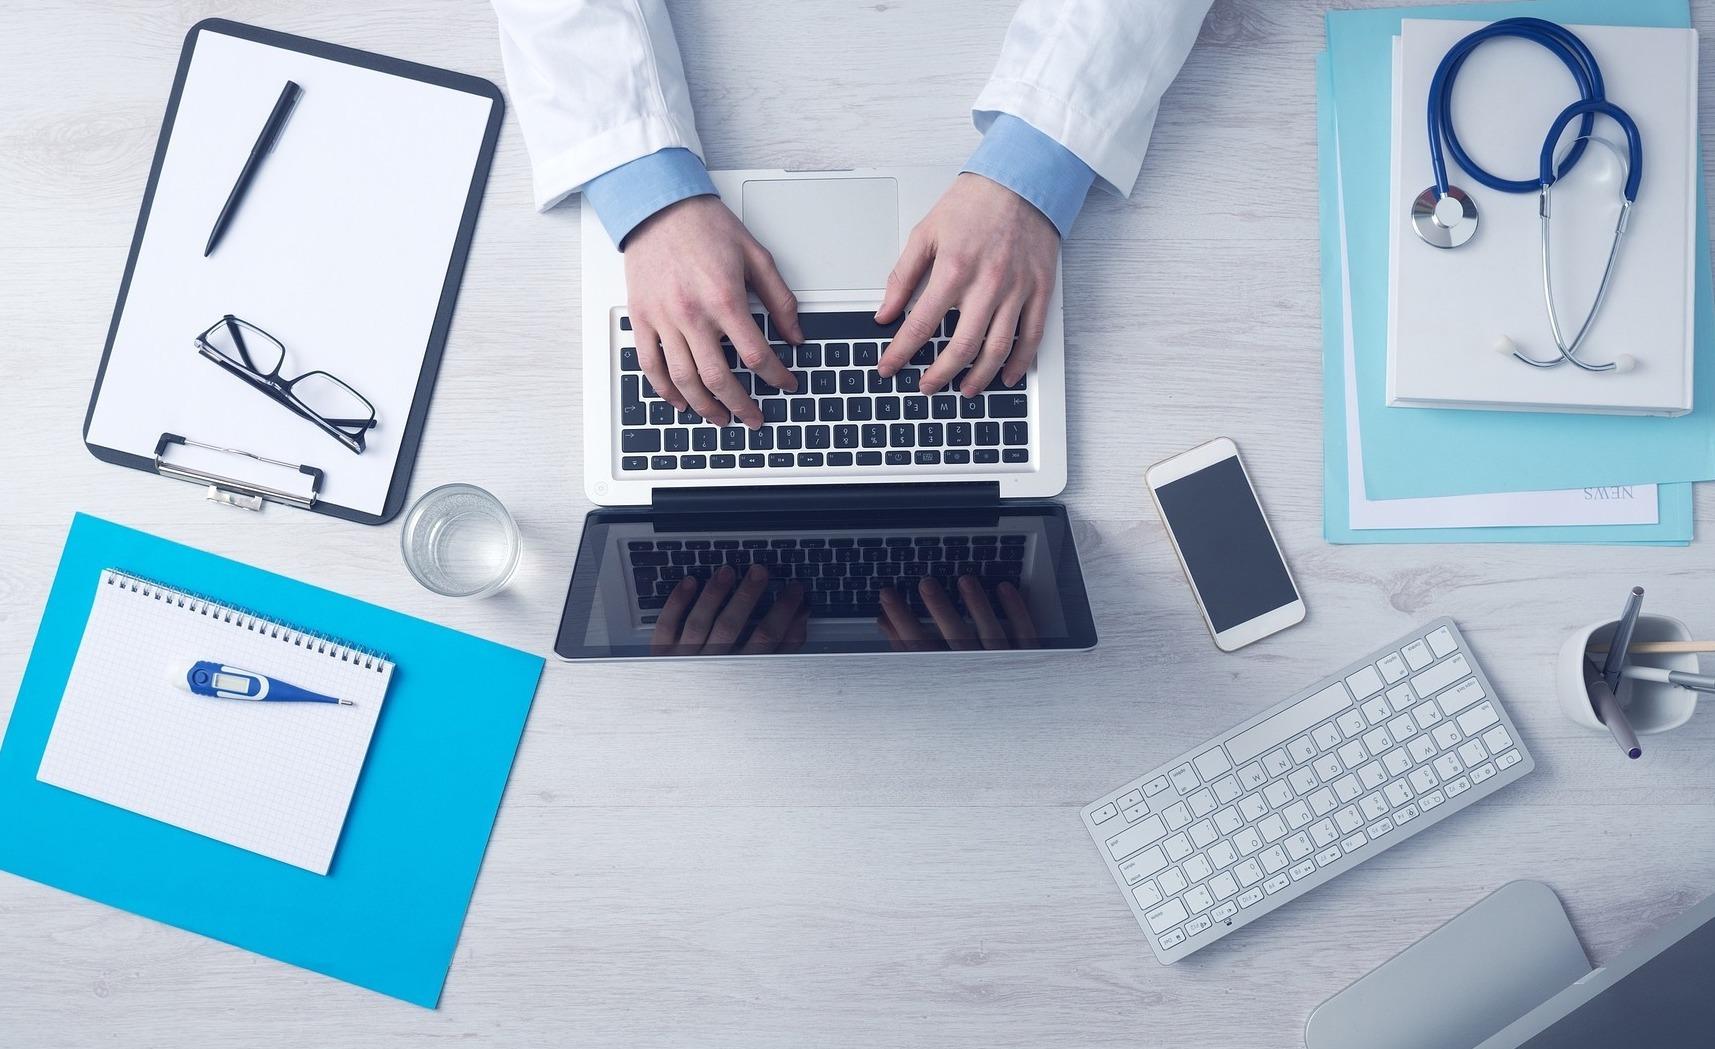 百思買收購GreatCall,向醫療電商方面發展